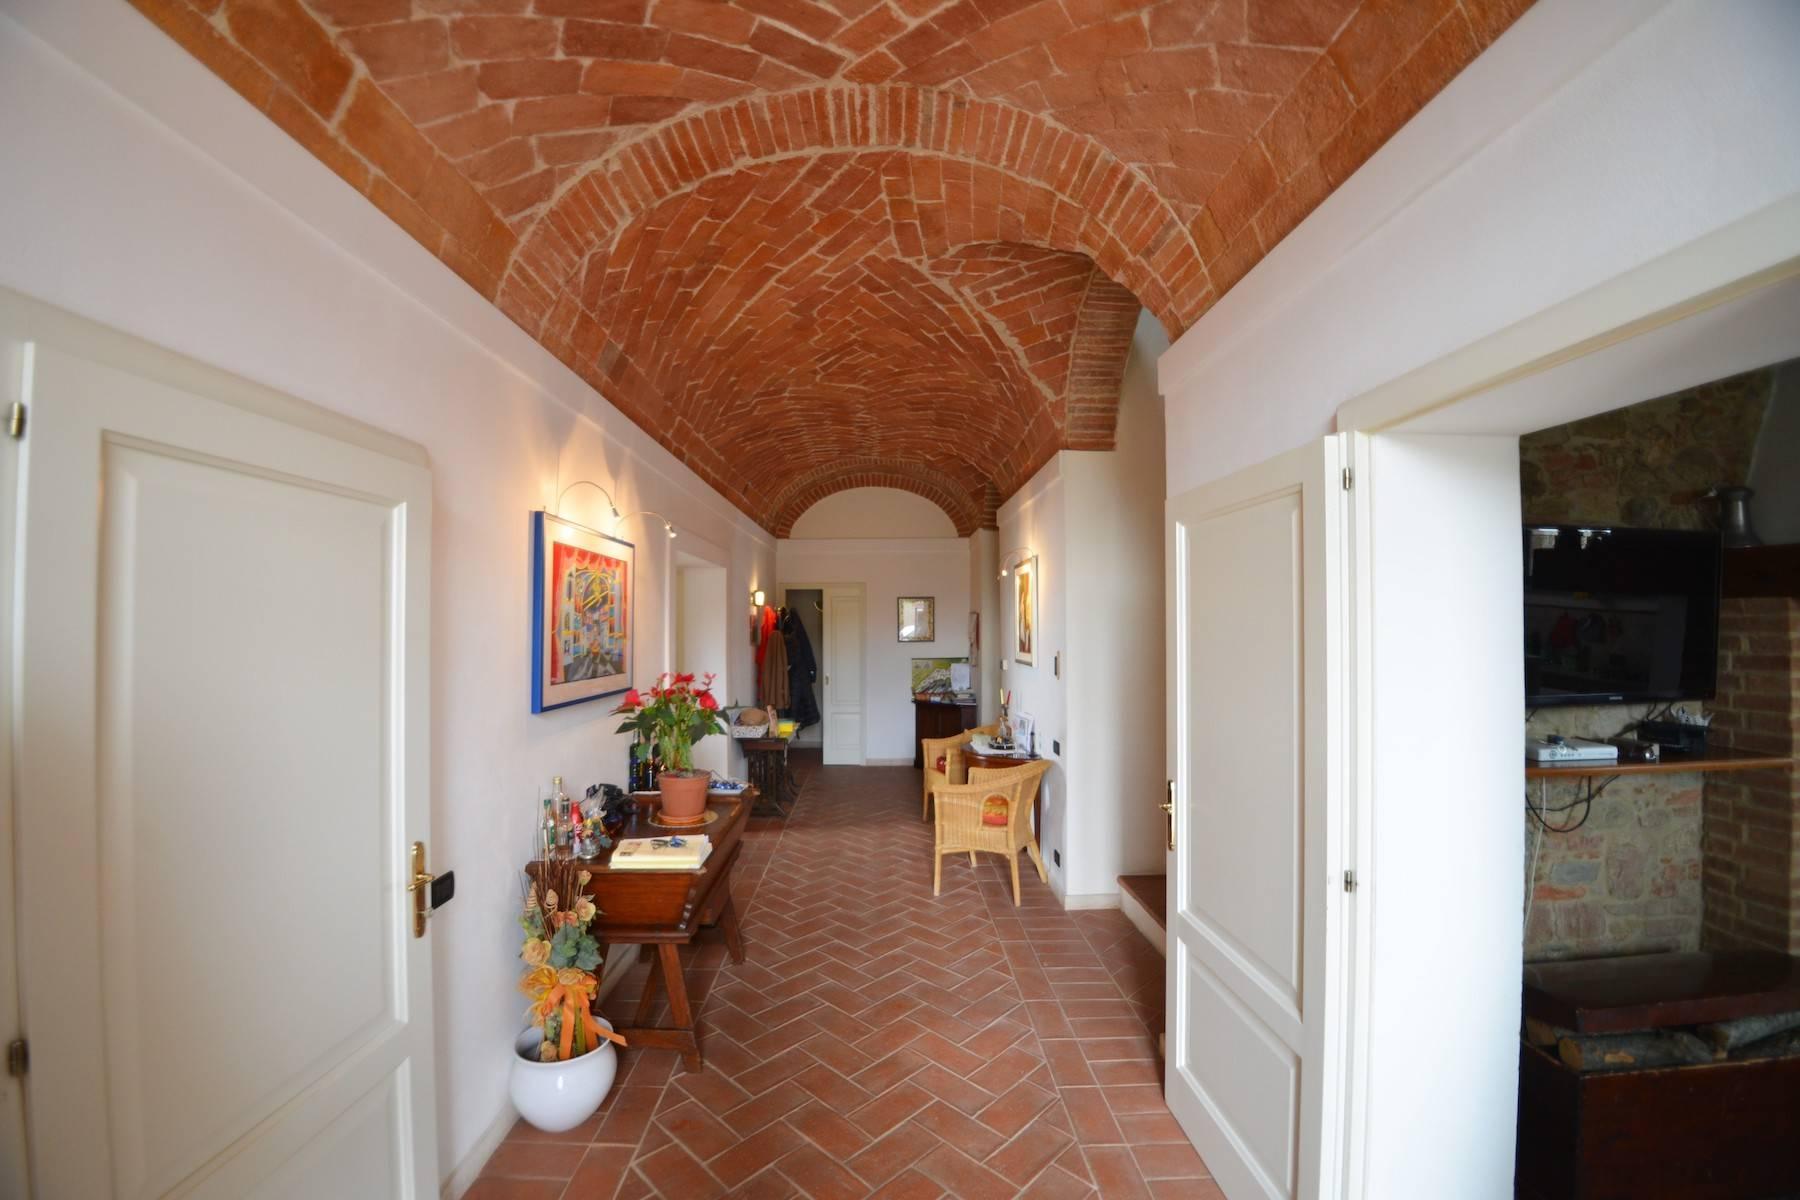 Casale con agriturismo e vigneto a pochi passi da Montepulciano - 9